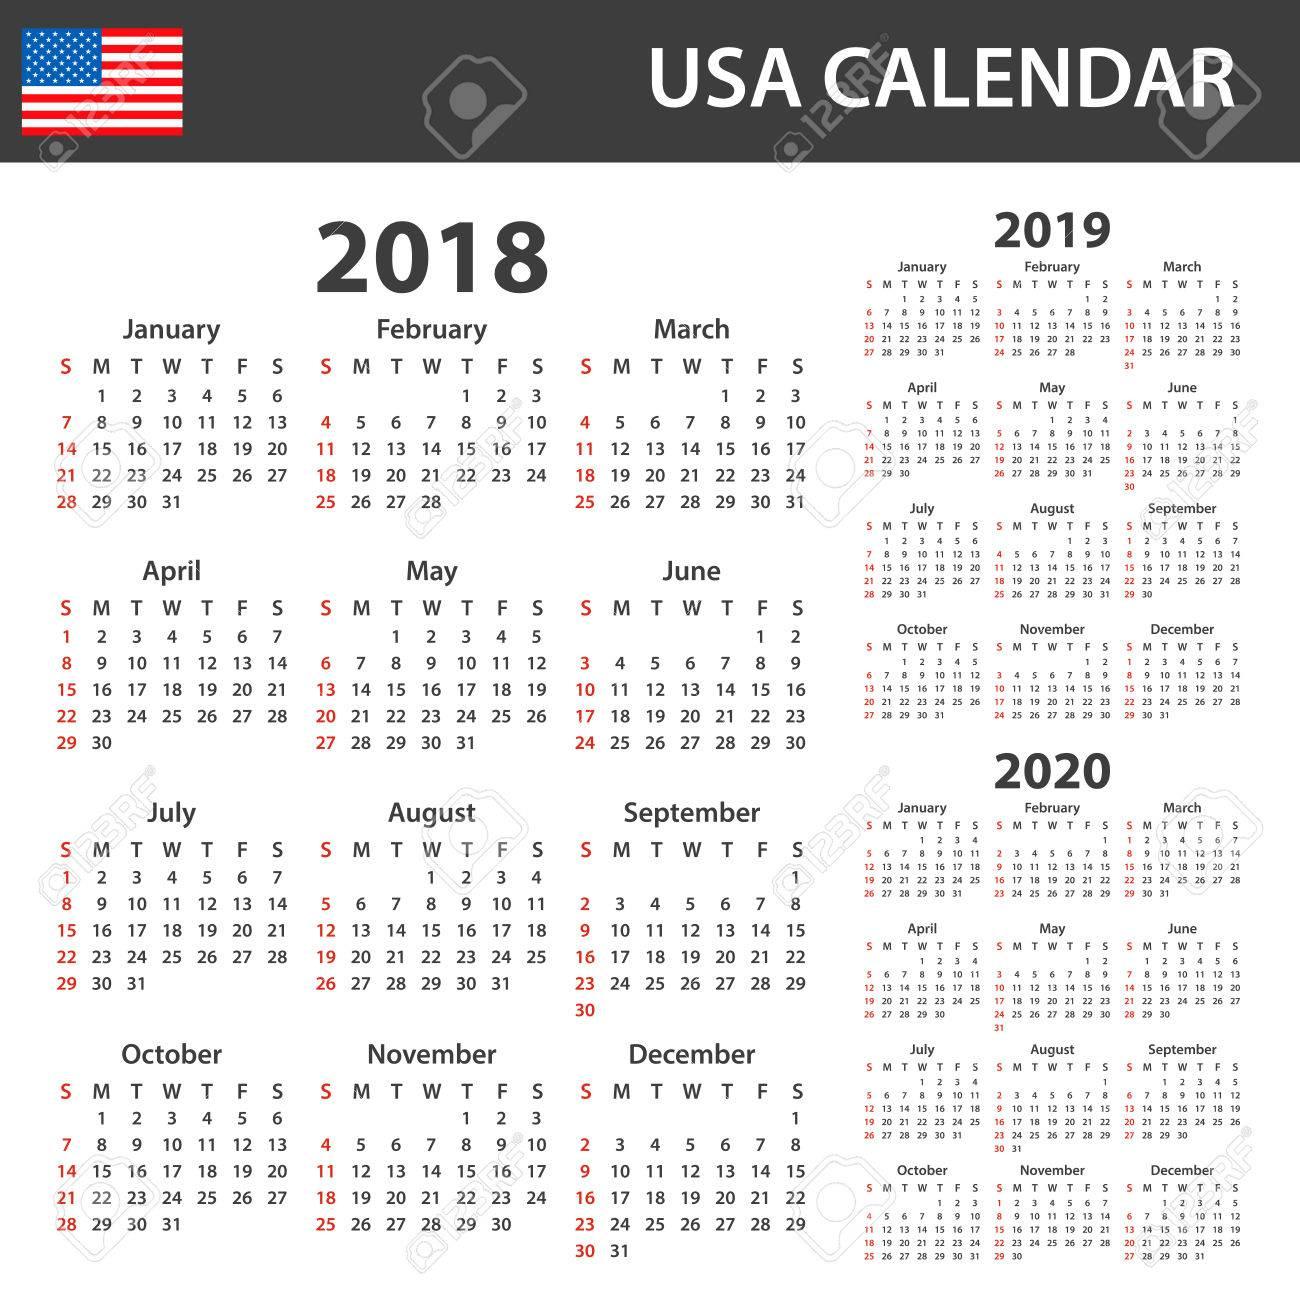 アメリカ 祭日 2020 米国株営業日カレンダー/マネックス証券